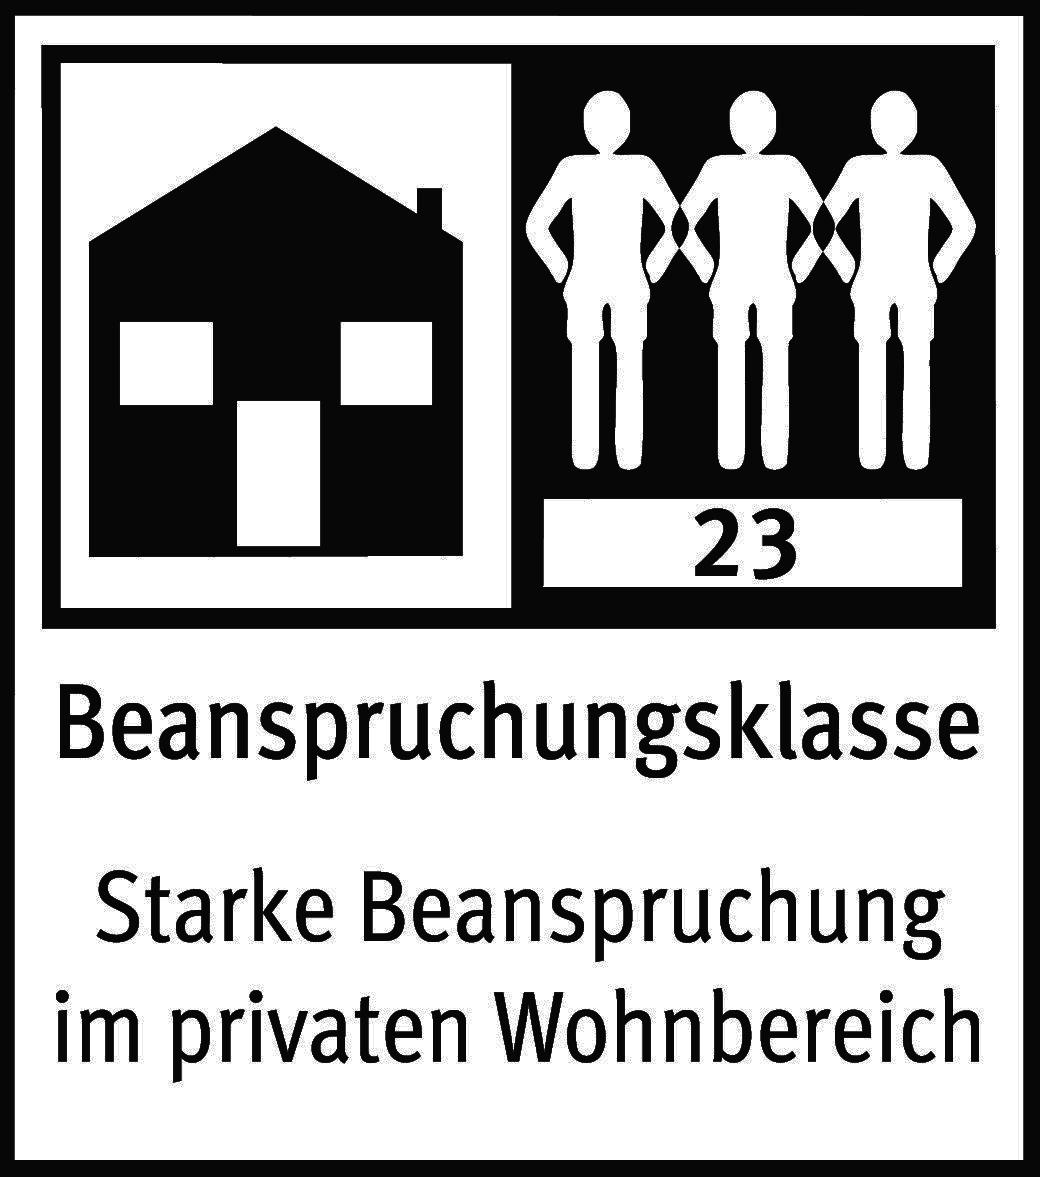 Bevorzugt Übersicht Bodenbelag Nutzungsklassen | bodenheld24.de - Ihr Online AB86